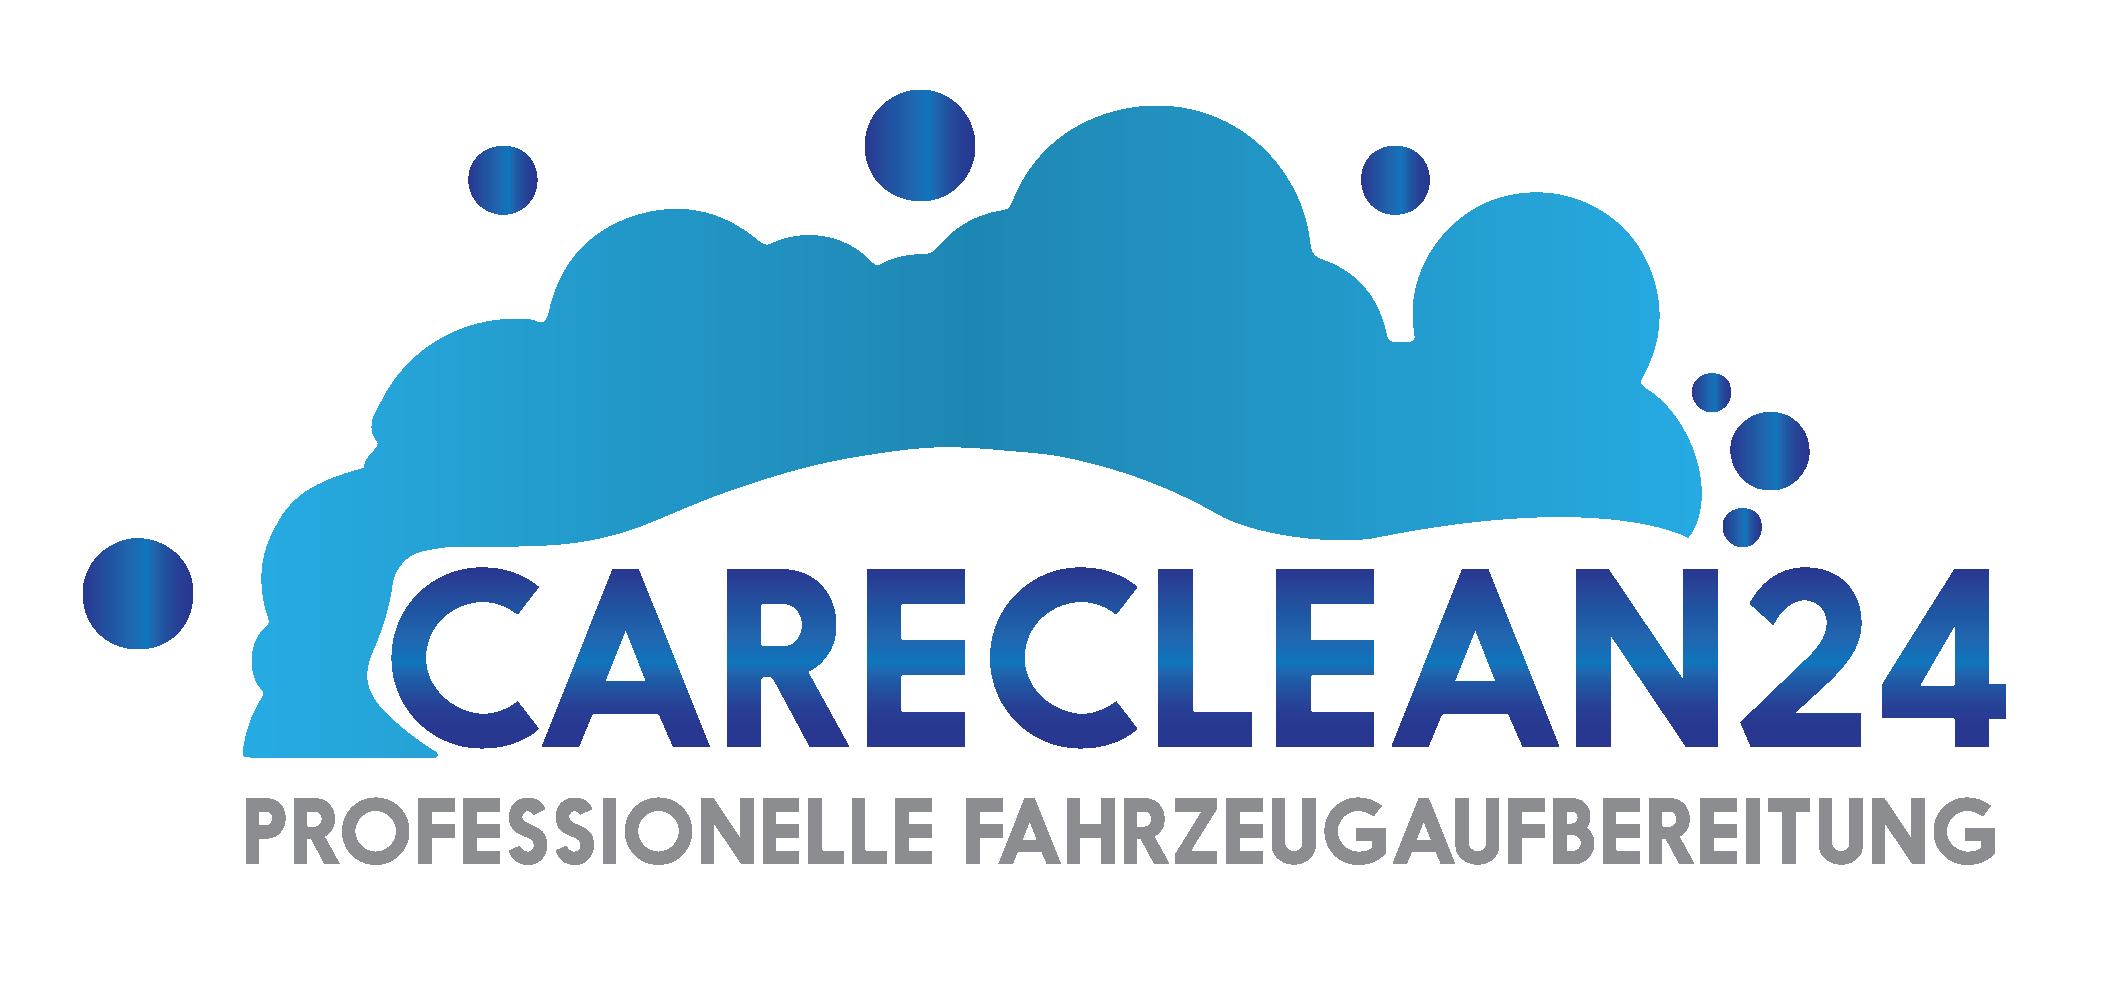 Careclean24